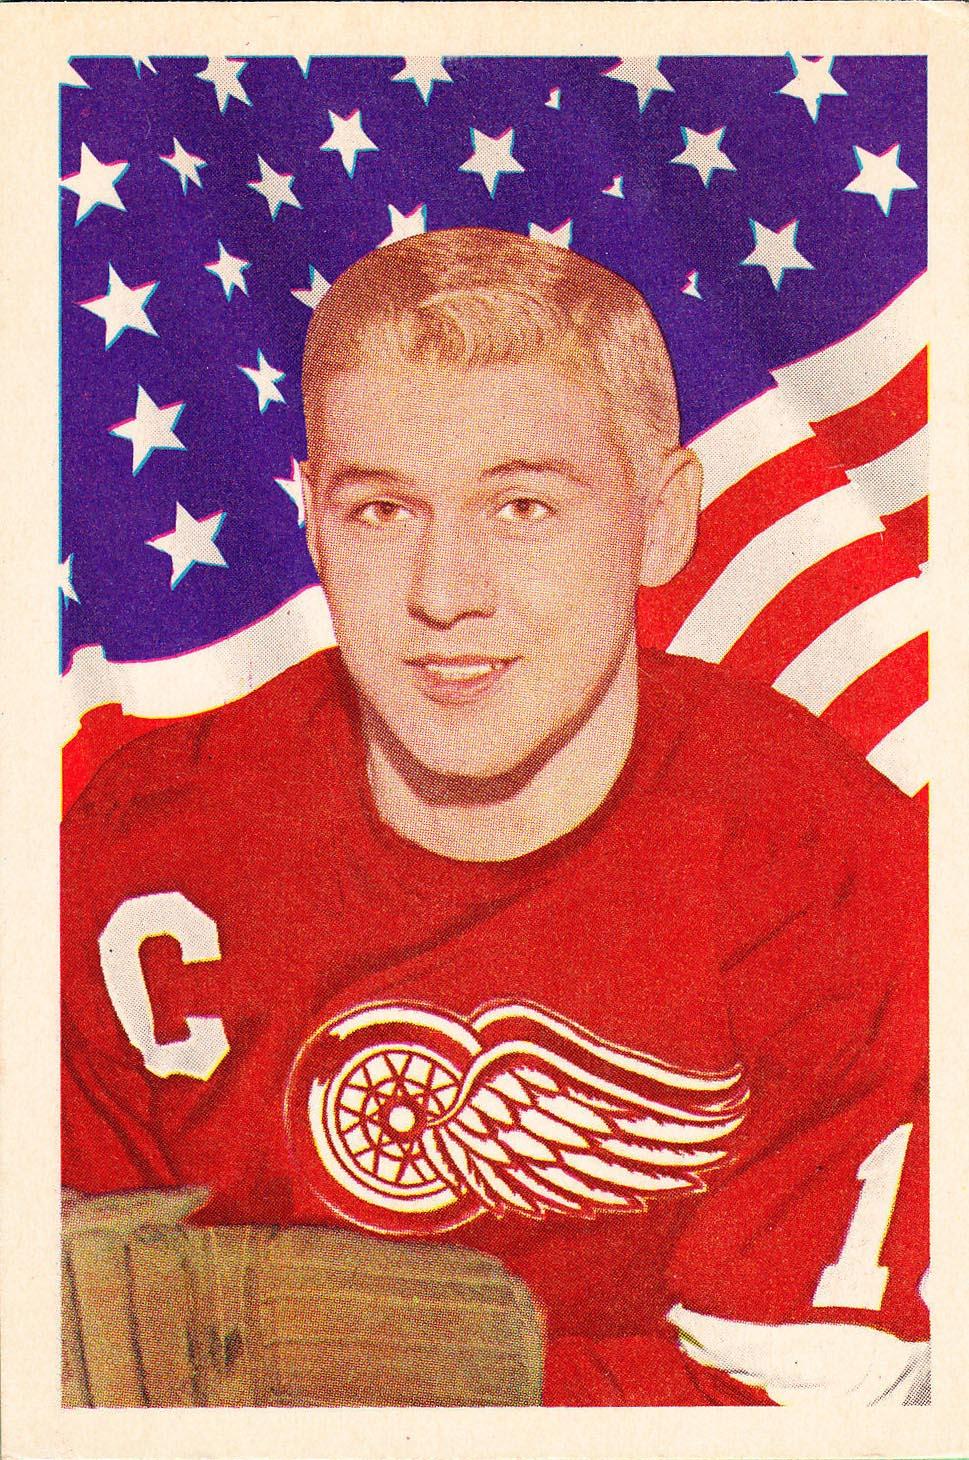 alex delvecchio detroit red wings 1963-64 parkhurst nhl hockey card